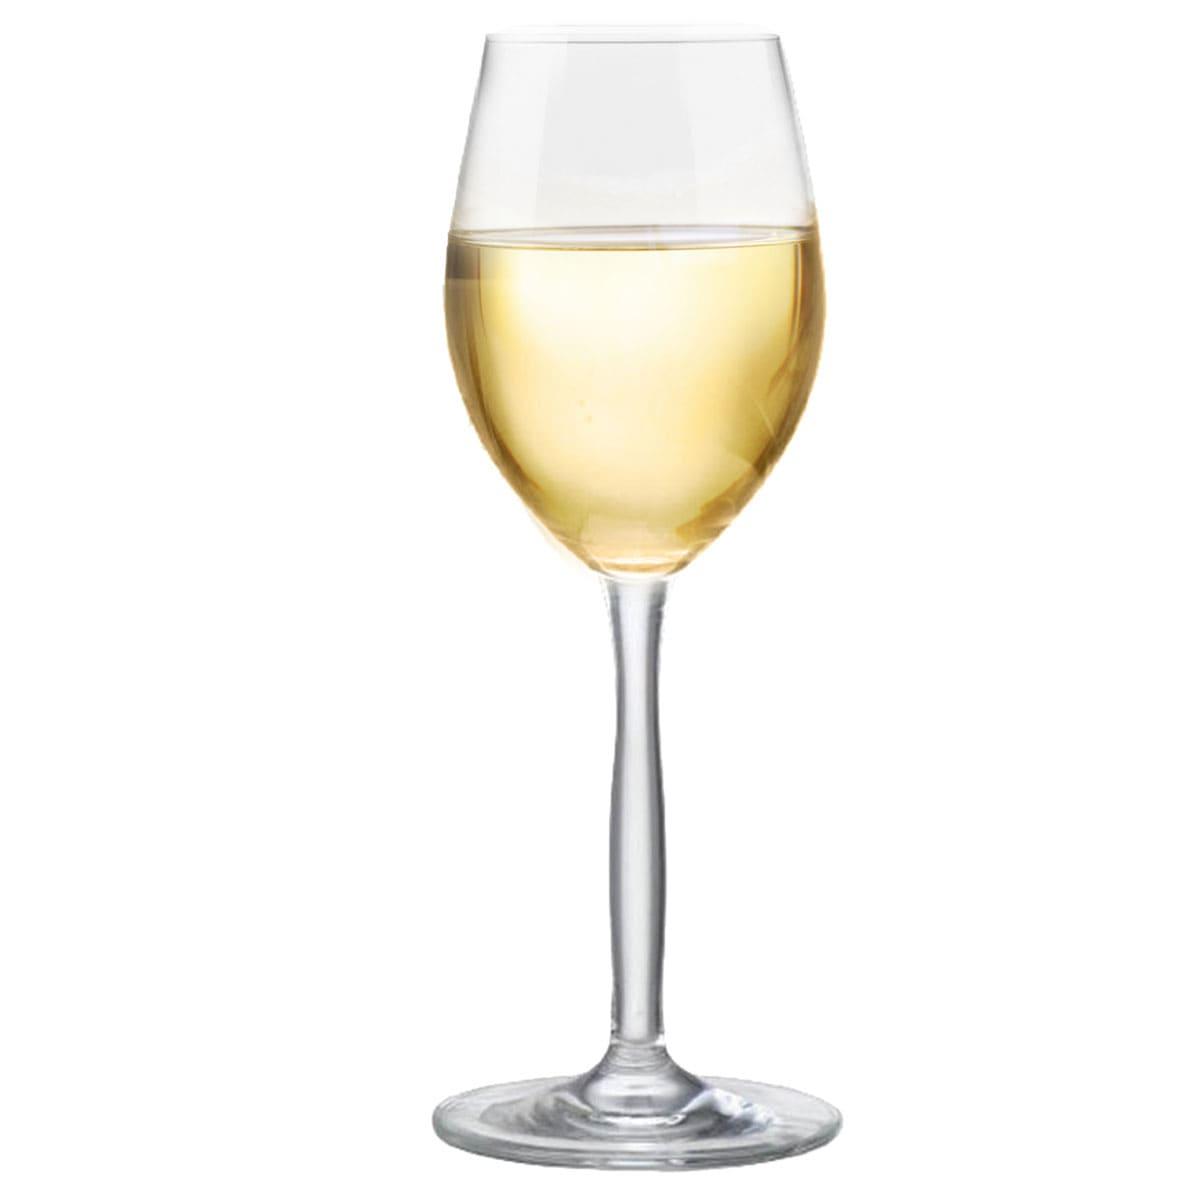 Taça Vinho Branco Cristal Ritz 250ml